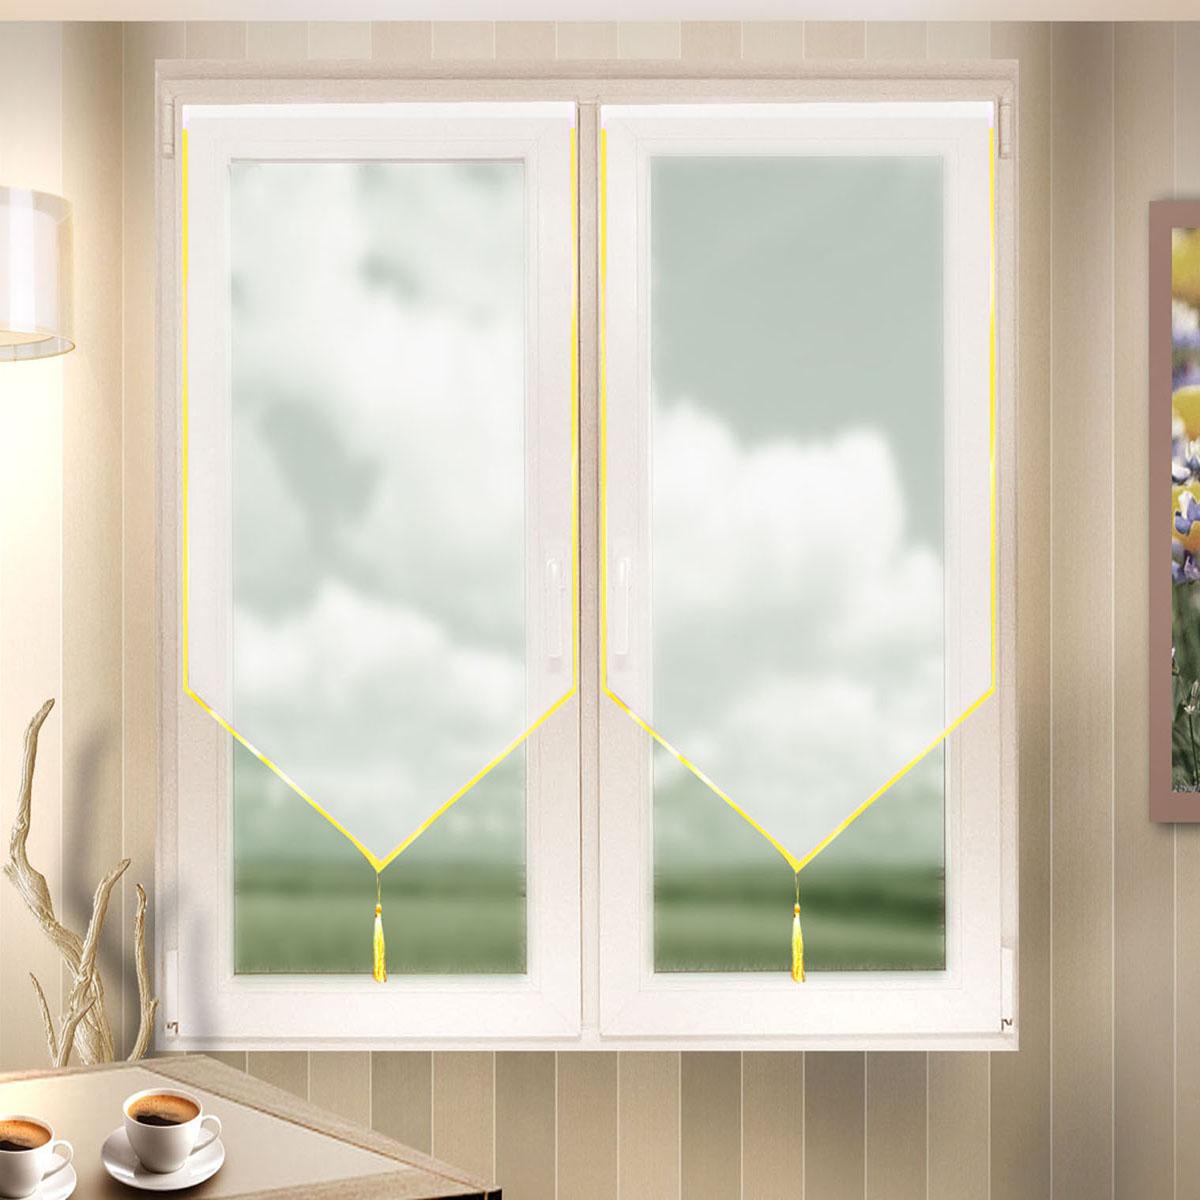 Гардина Zlata Korunka, на липкой ленте, цвет: белый, высота 120 см. 666022/1666022/1Лучшая альтернатива рулонным шторам на кухне - шторы на липкой ленте. Особенность этих штор заключается в том, что они имеют липкую основу в месте крепления. Лента или основа надежно и быстро крепится на раму окна, а на нее фиксируется сама штора. Гардина на липкой ленте Zlata Korunka, изготовленная из легкого полиэстера, станет великолепнымукрашением любого окна. Полотно привлечет ксебе внимание и органично впишется в интерьер комнаты.